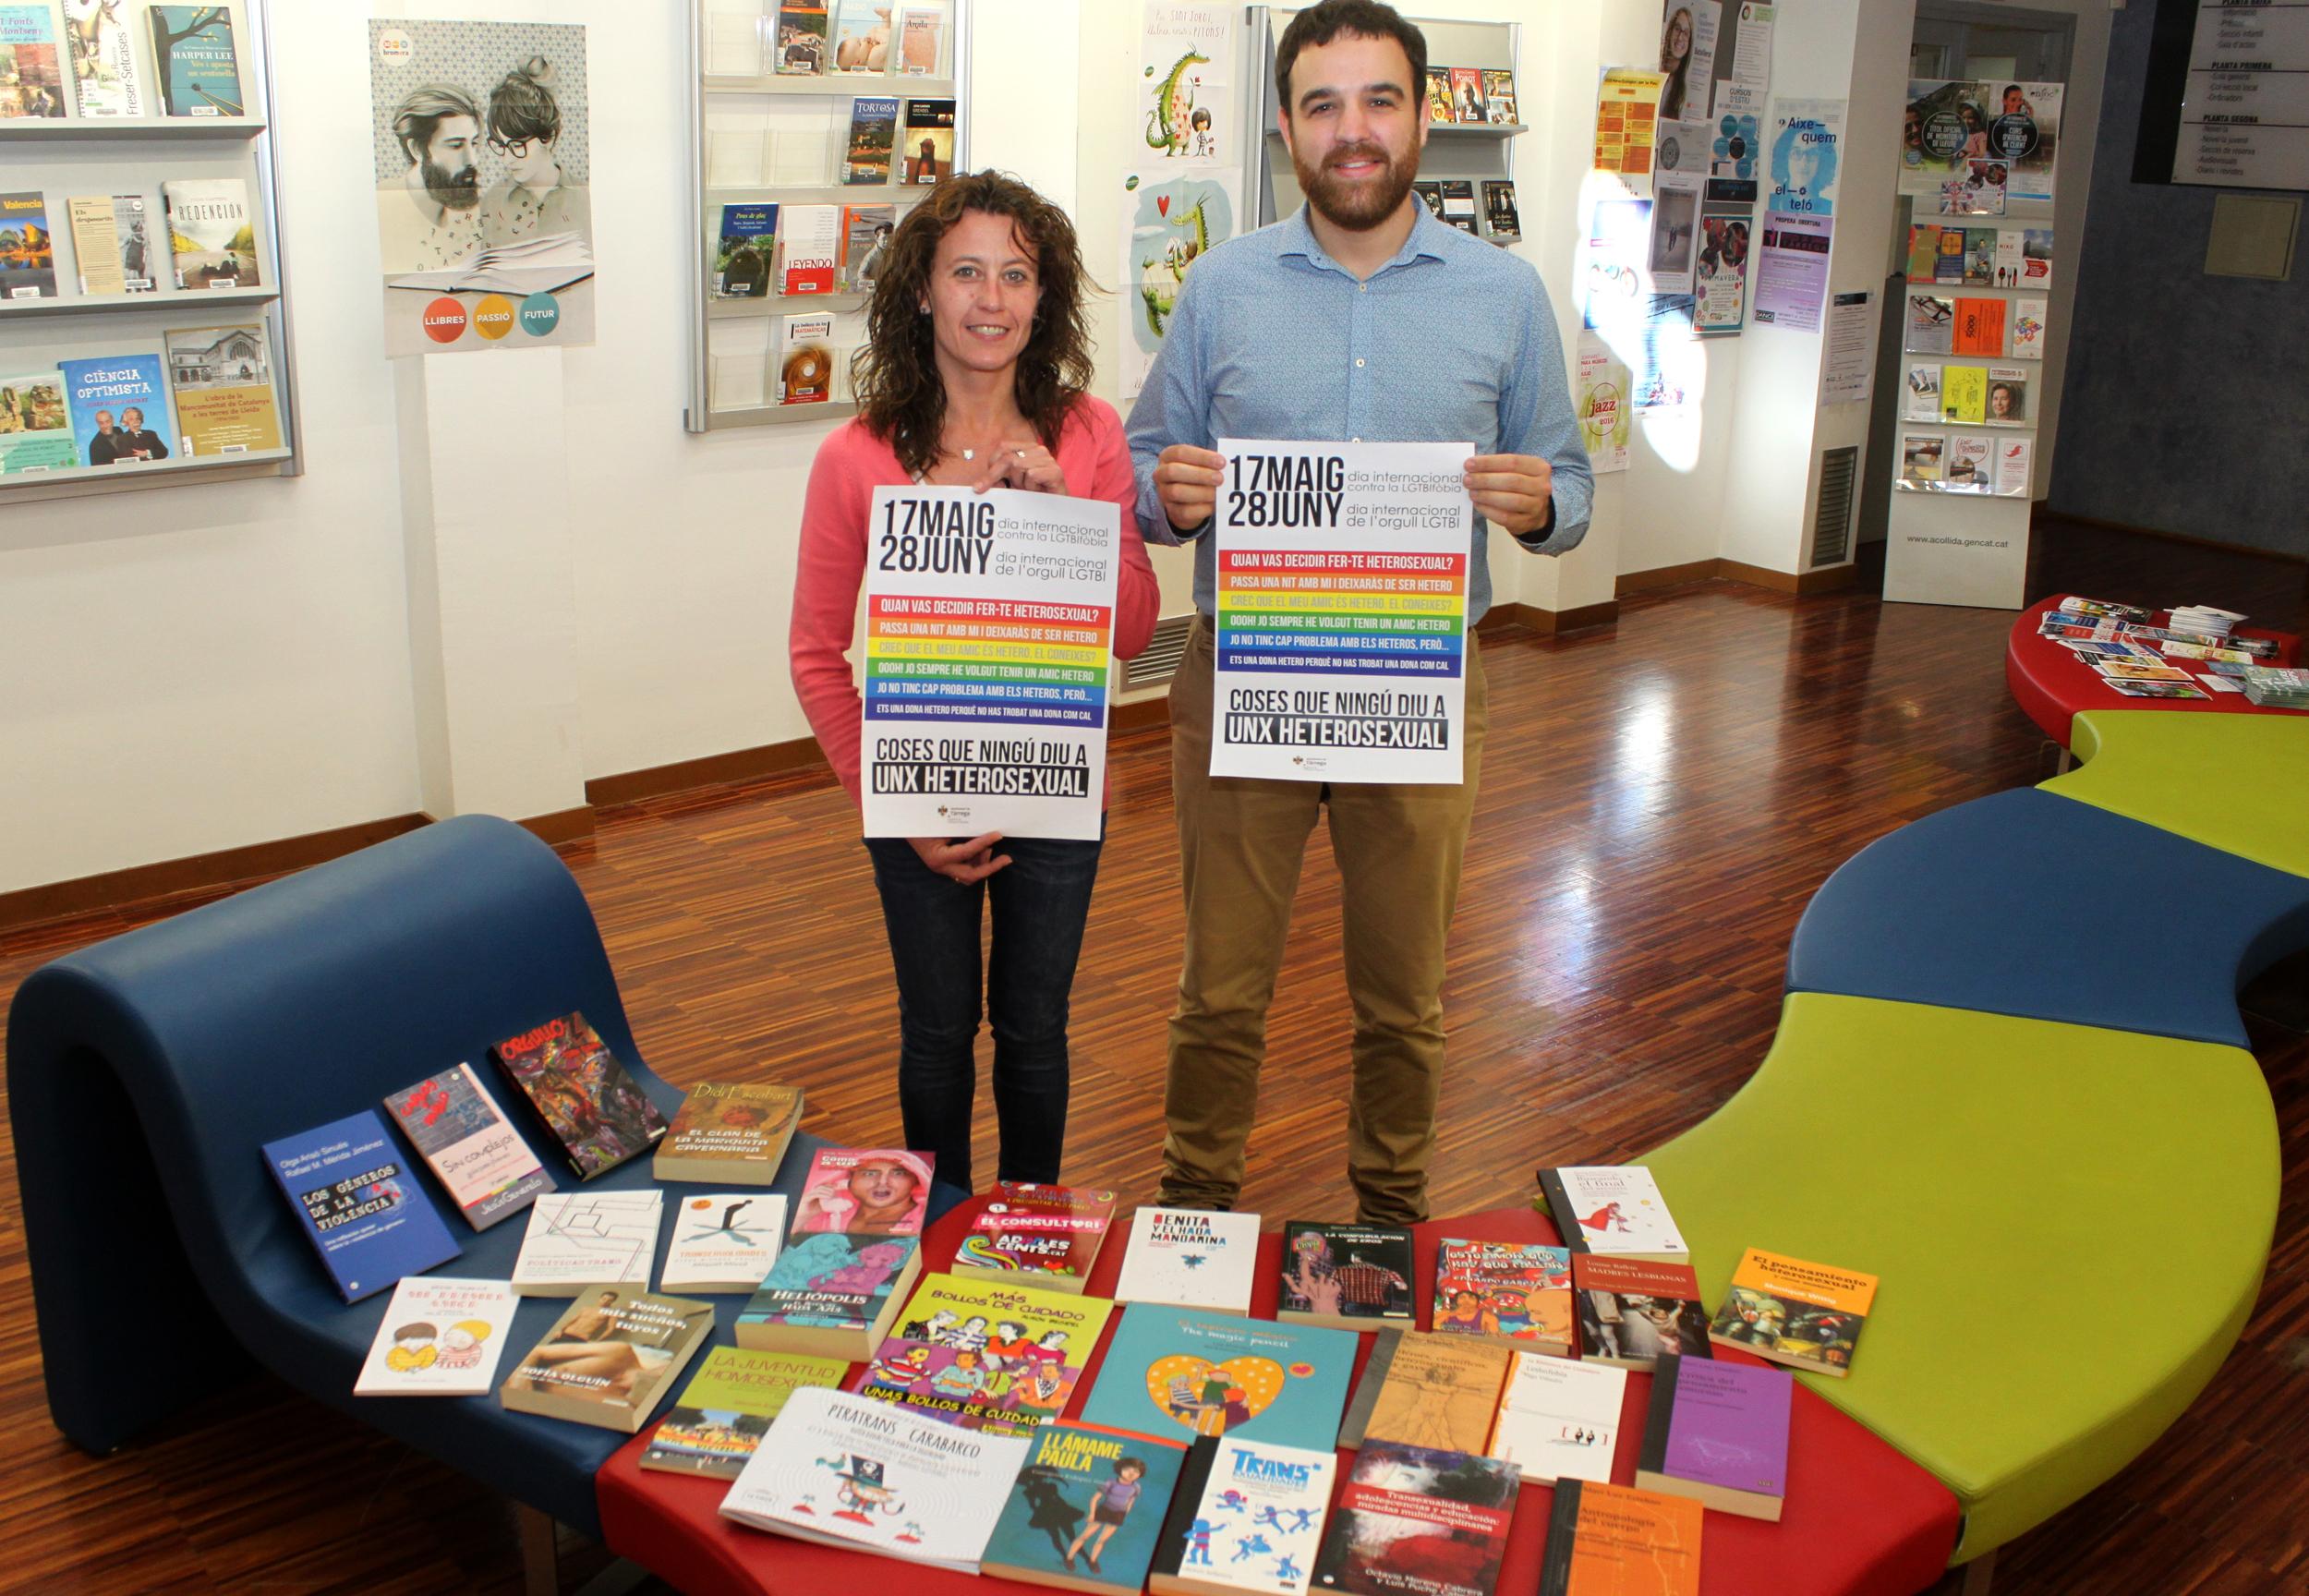 Tàrrega incorpora 6.000 euros al pressupost municipal per impulsar campanyes de sensibilització a favor dels drets de les persones LGTBI